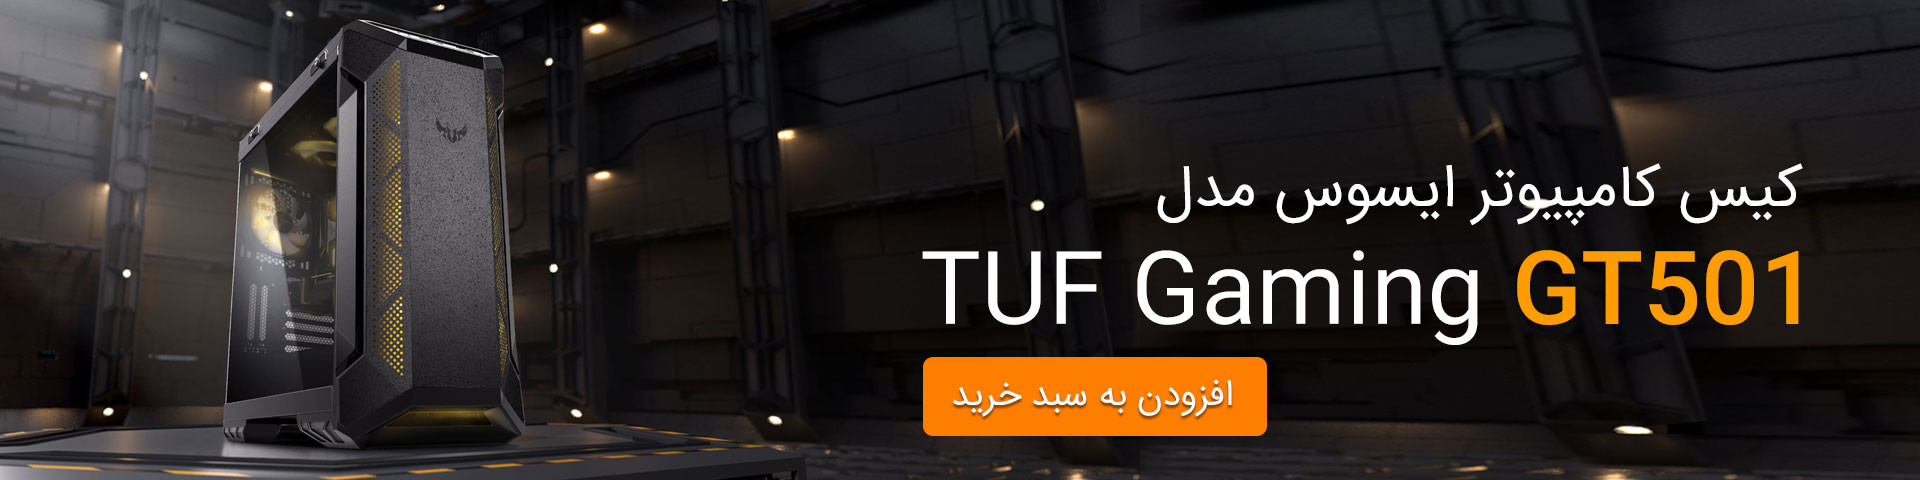 کیس کامپیوتر ایسوس مدل TUF Gaming GT501